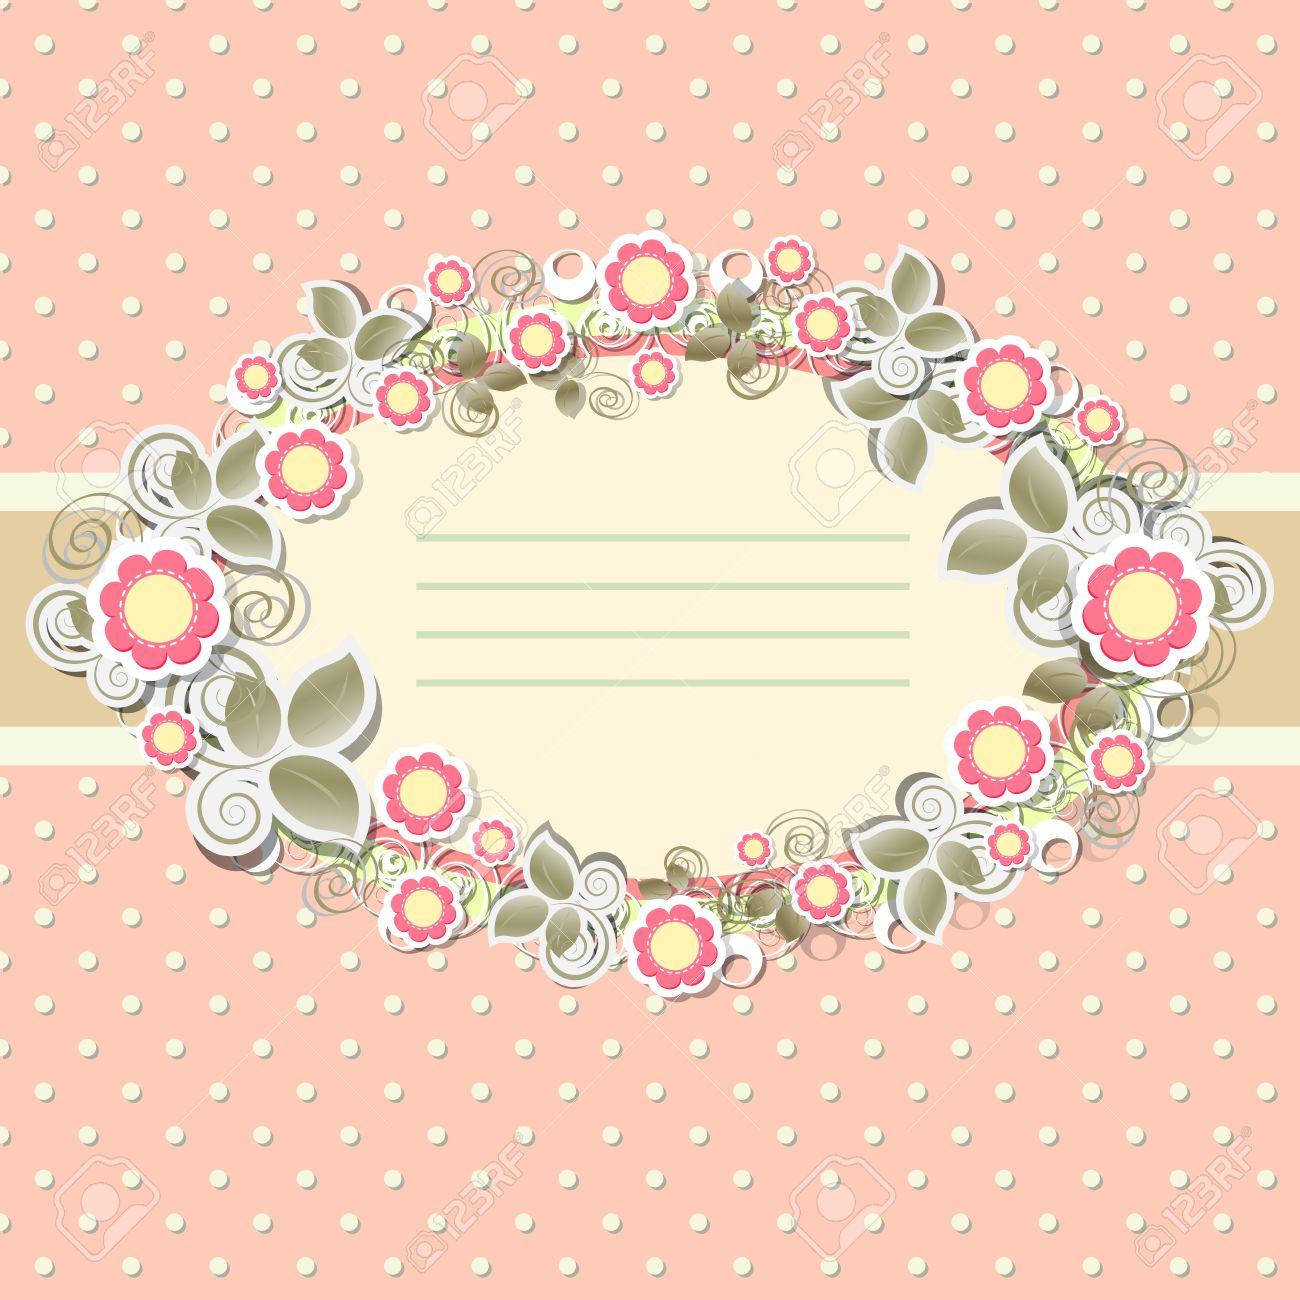 Floral vintage background - Floral Background In Vintage Stile Stock Vector 12802713